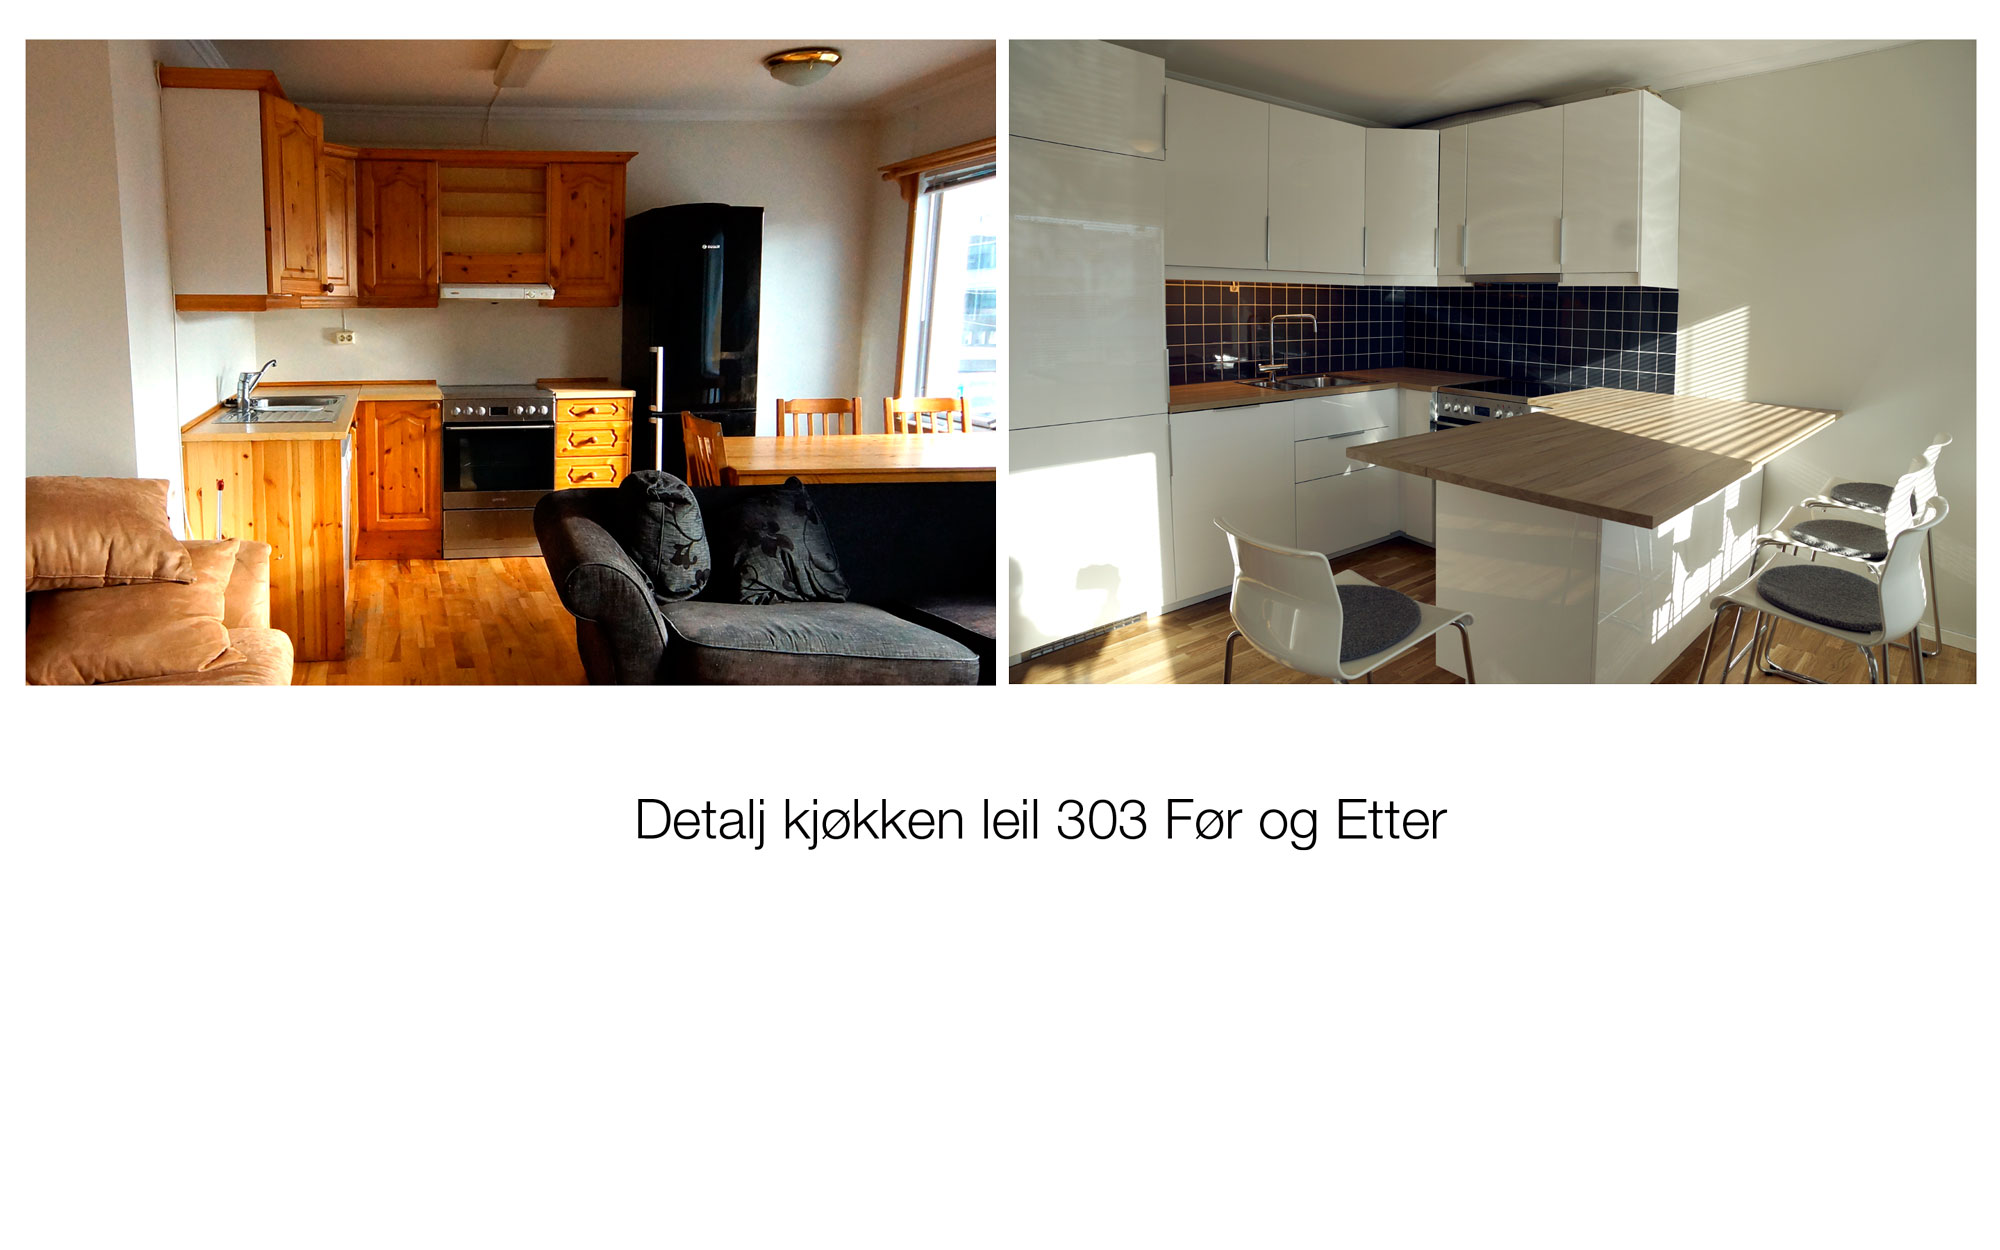 Detalj kjøkken leil 303 Før og etter